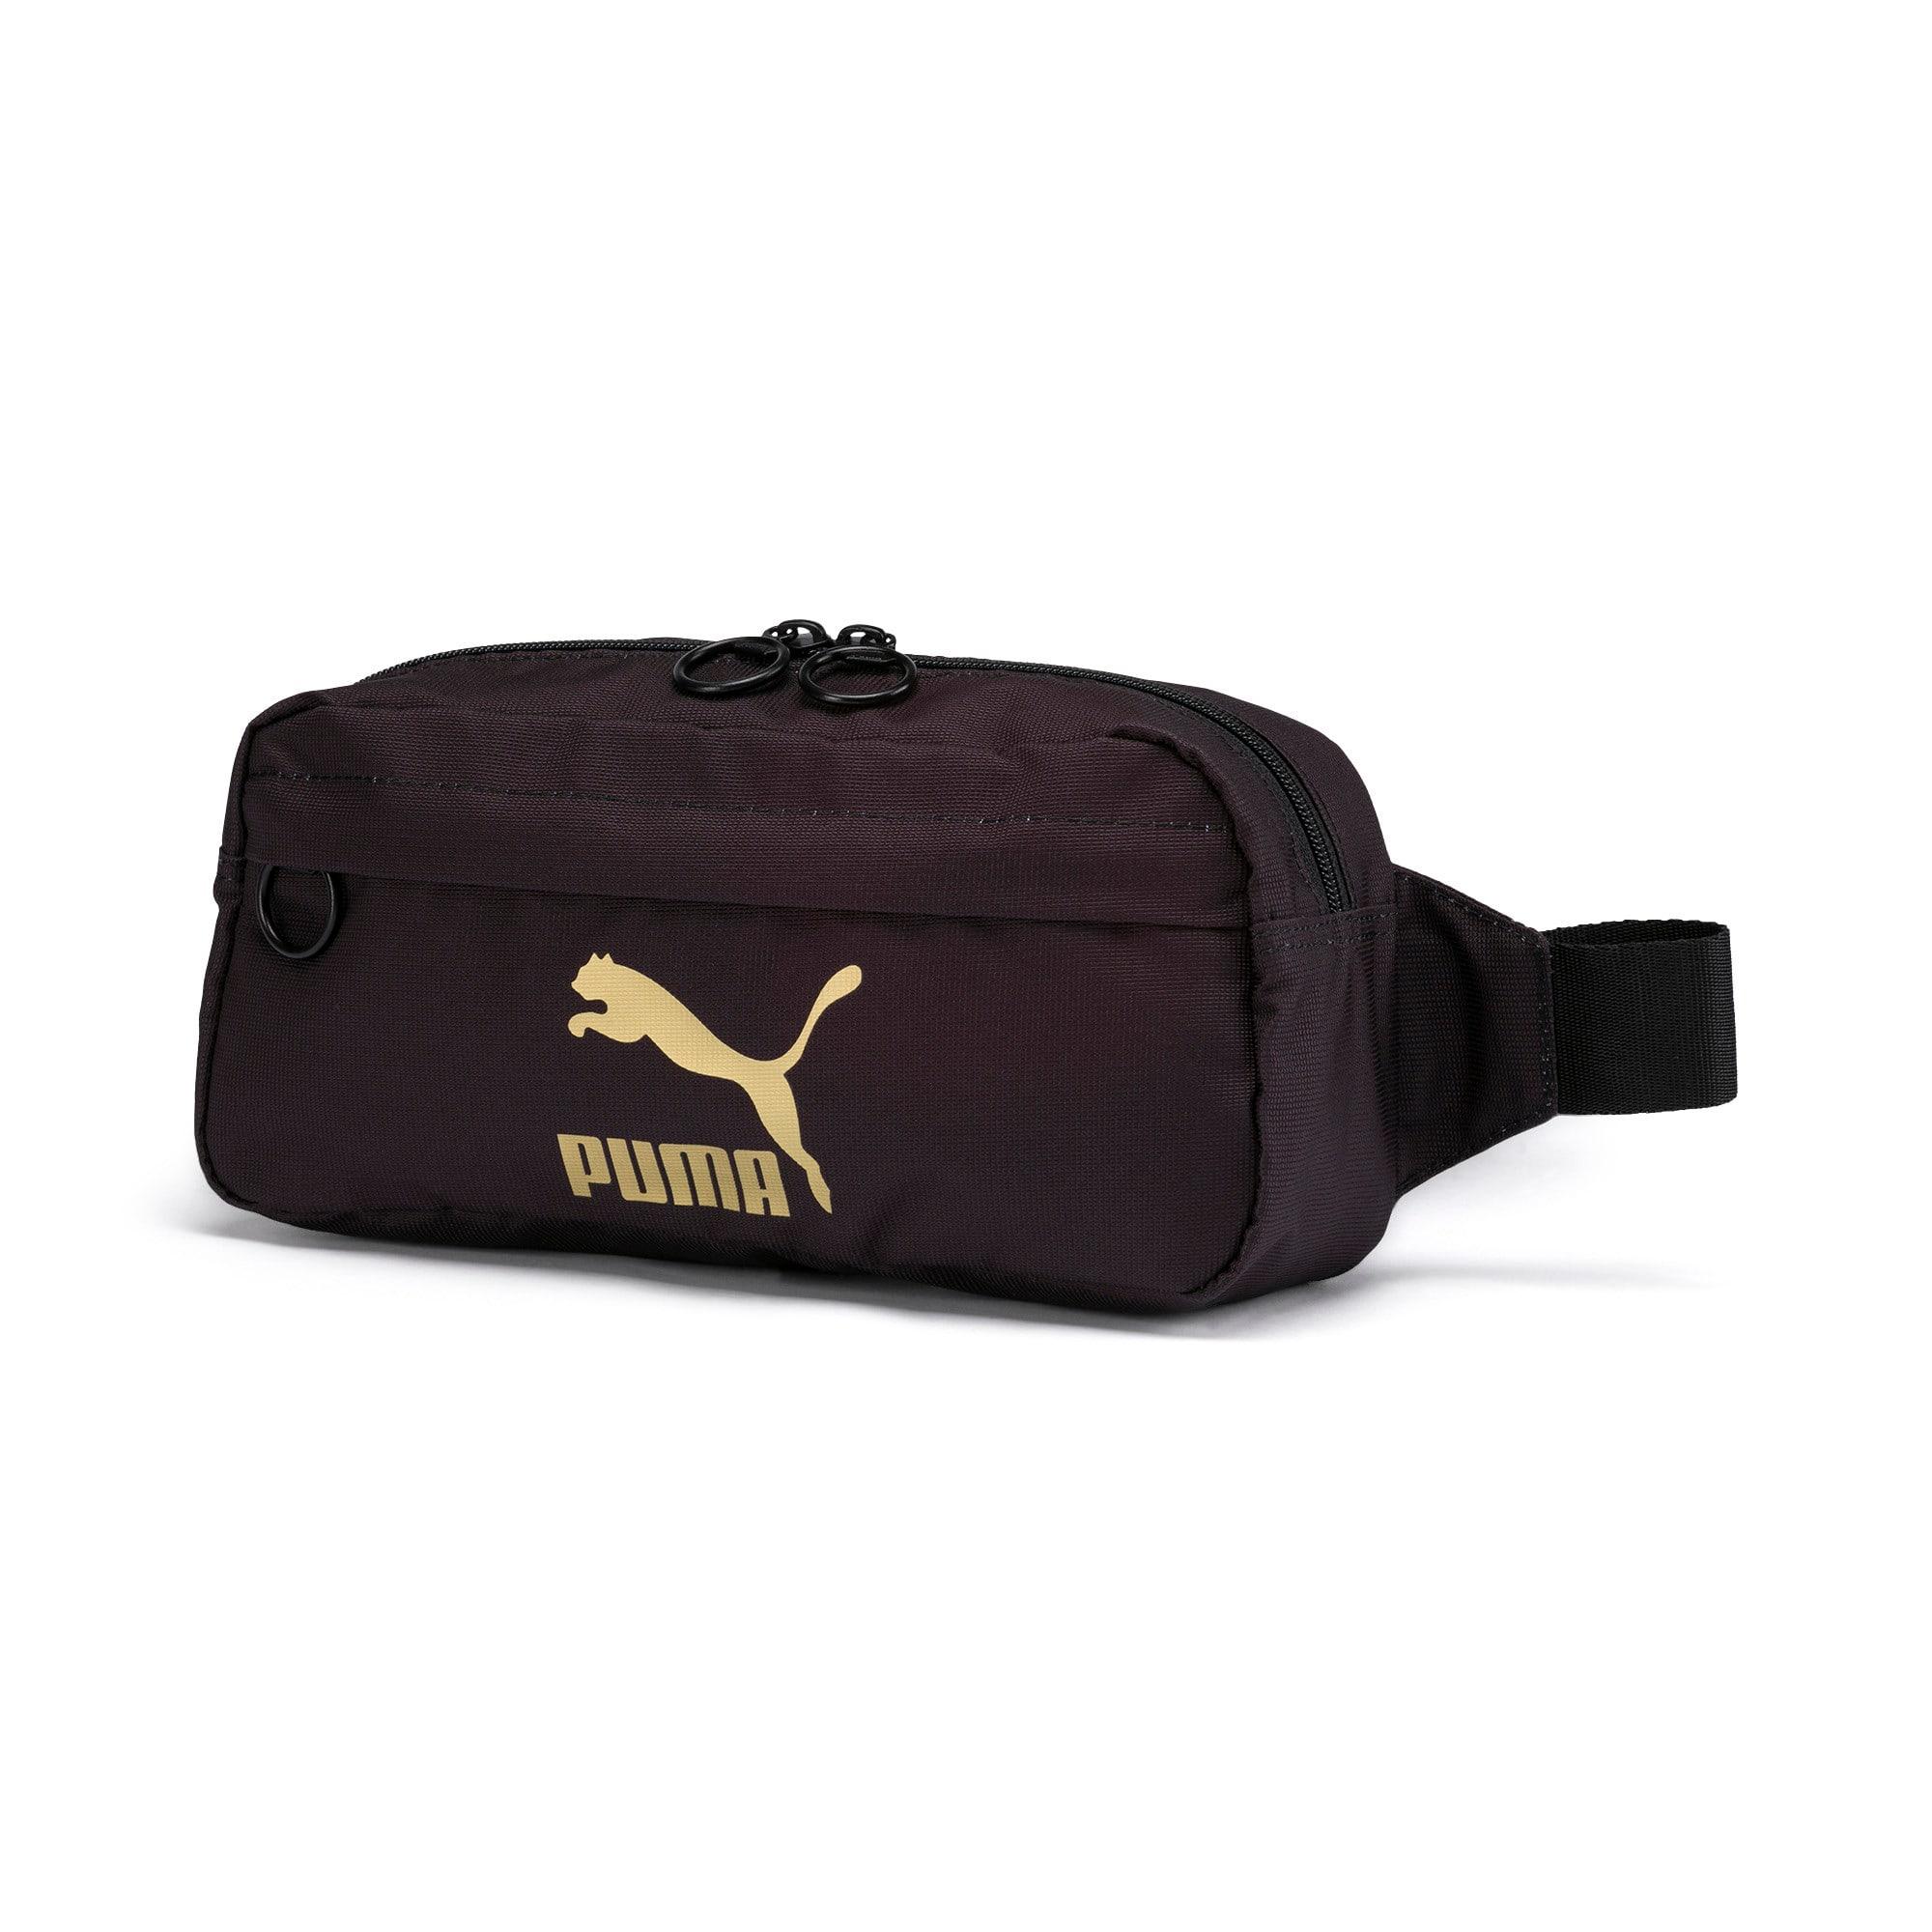 Thumbnail 1 of Originals Waist Bag, Puma Black, medium-IND